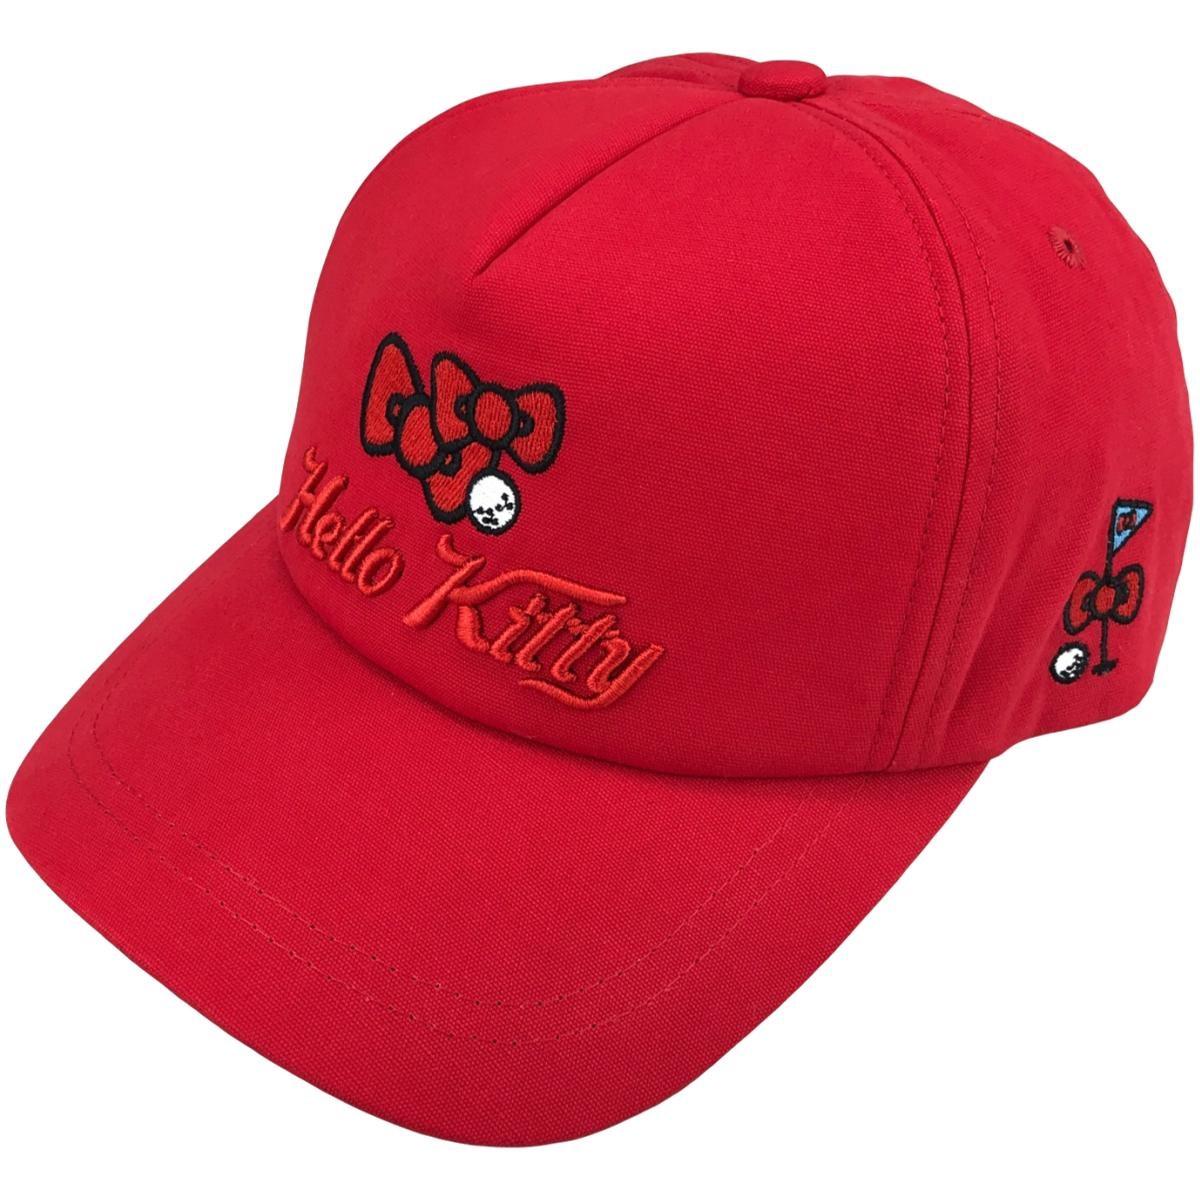 ナイガイ KITTY サンリオ キティ リボンロゴ キャップ フリー スカーレット 15 レディス